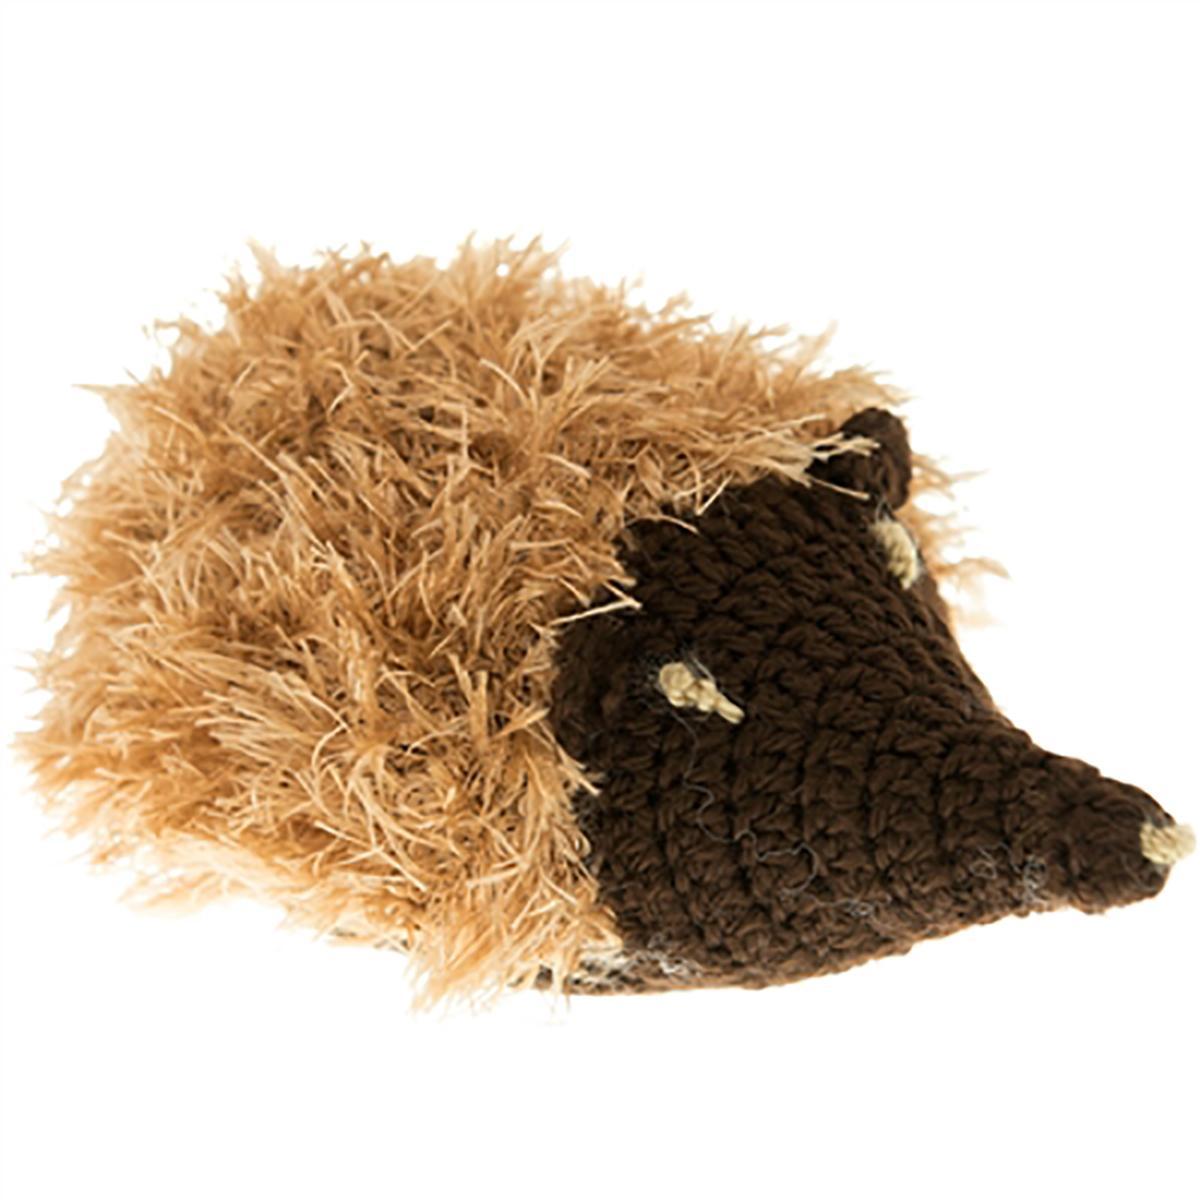 OoMaLoo Handmade Hedgehog Dog Toy